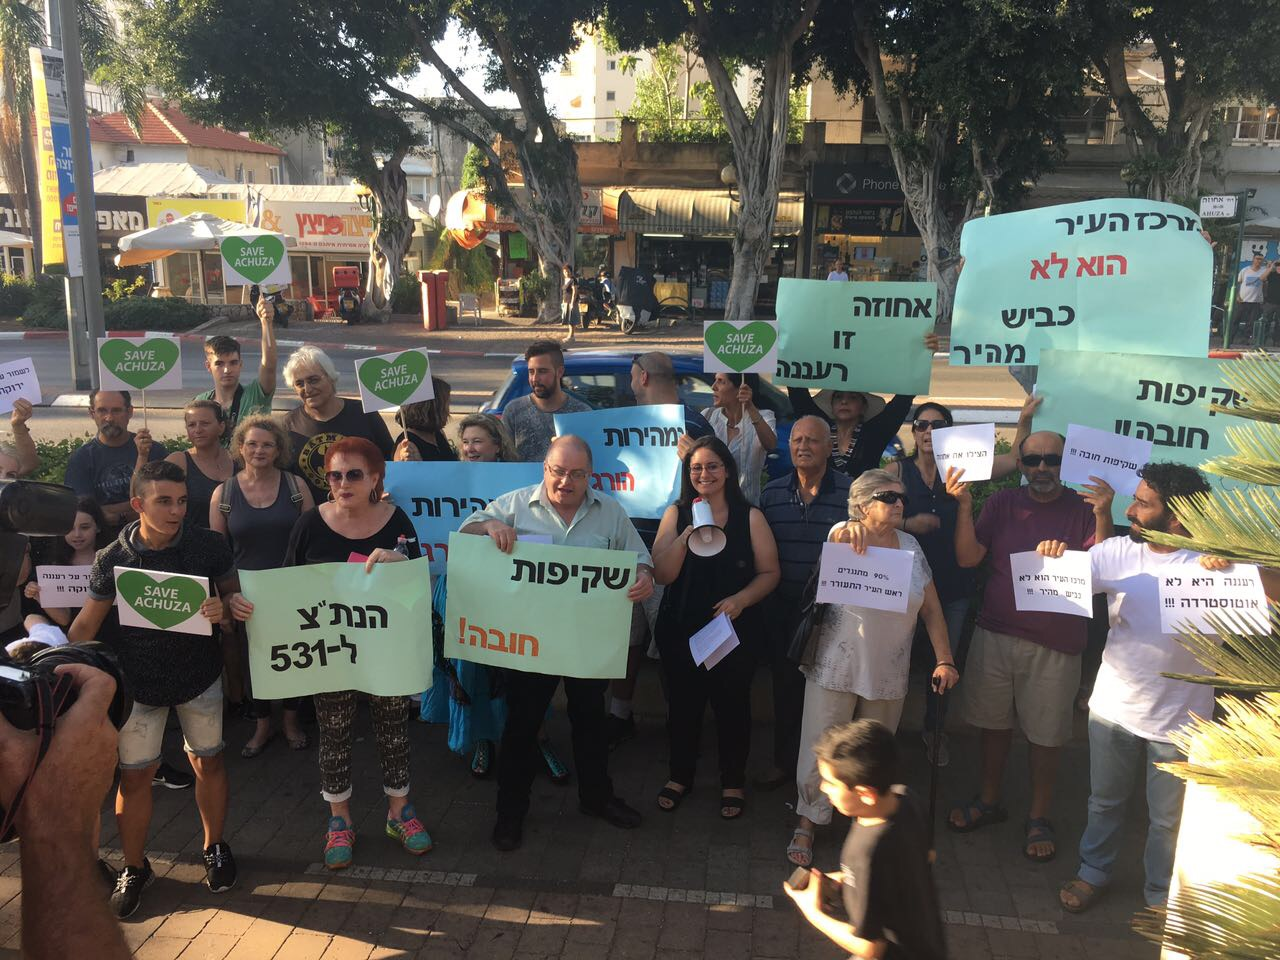 """הפגנה נגד הנת""""צ. צילום: מירב זיגלמן"""